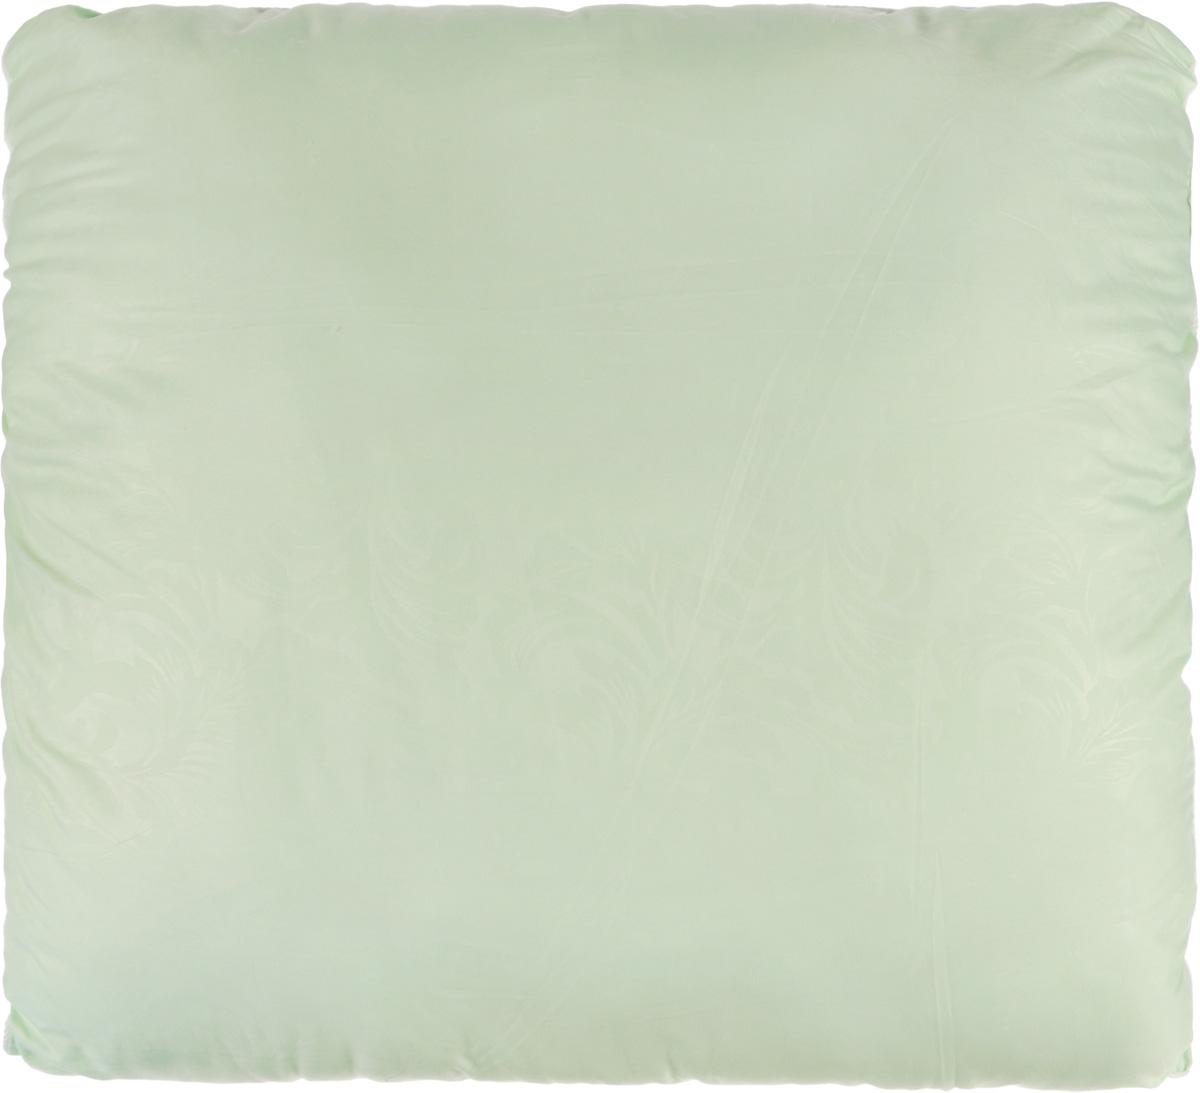 Подушка Smart Textile Безмятежность, наполнитель: лебяжий пух, цвет: светло-зеленый, 70 х 70 смU210DFУдобная и мягкая подушка Smart Textile Безмятежность подарит здоровый сон и отличный отдых. Чехол подушки на молнии выполнен из микрофибры с красивым узором. В качестве наполнителя используется лебяжий пух. Лебяжий пух - это 100% сверхтонкое высокосиликонизированное волокно. Такой наполнитель мягкий, приятный на ощупь и гипоаллергенный. Подушка удобна в эксплуатации: легко стирается, быстро сохнет, сохраняя первоначальные свойства, устойчива к воздействию прямых солнечных лучей, износостойка и прочна. Изделие обладает высокой теплоизоляционной способностью - не вызывает перегрева головы. Подушка обеспечит правильную поддержку головы и шеи во время сна. Наполнитель не сбивается в комки и сохраняет тепло. Подушка с этим наполнителем подойдет людям, склонным к аллергии, так как отталкивает пыль и не впитывает запахи.